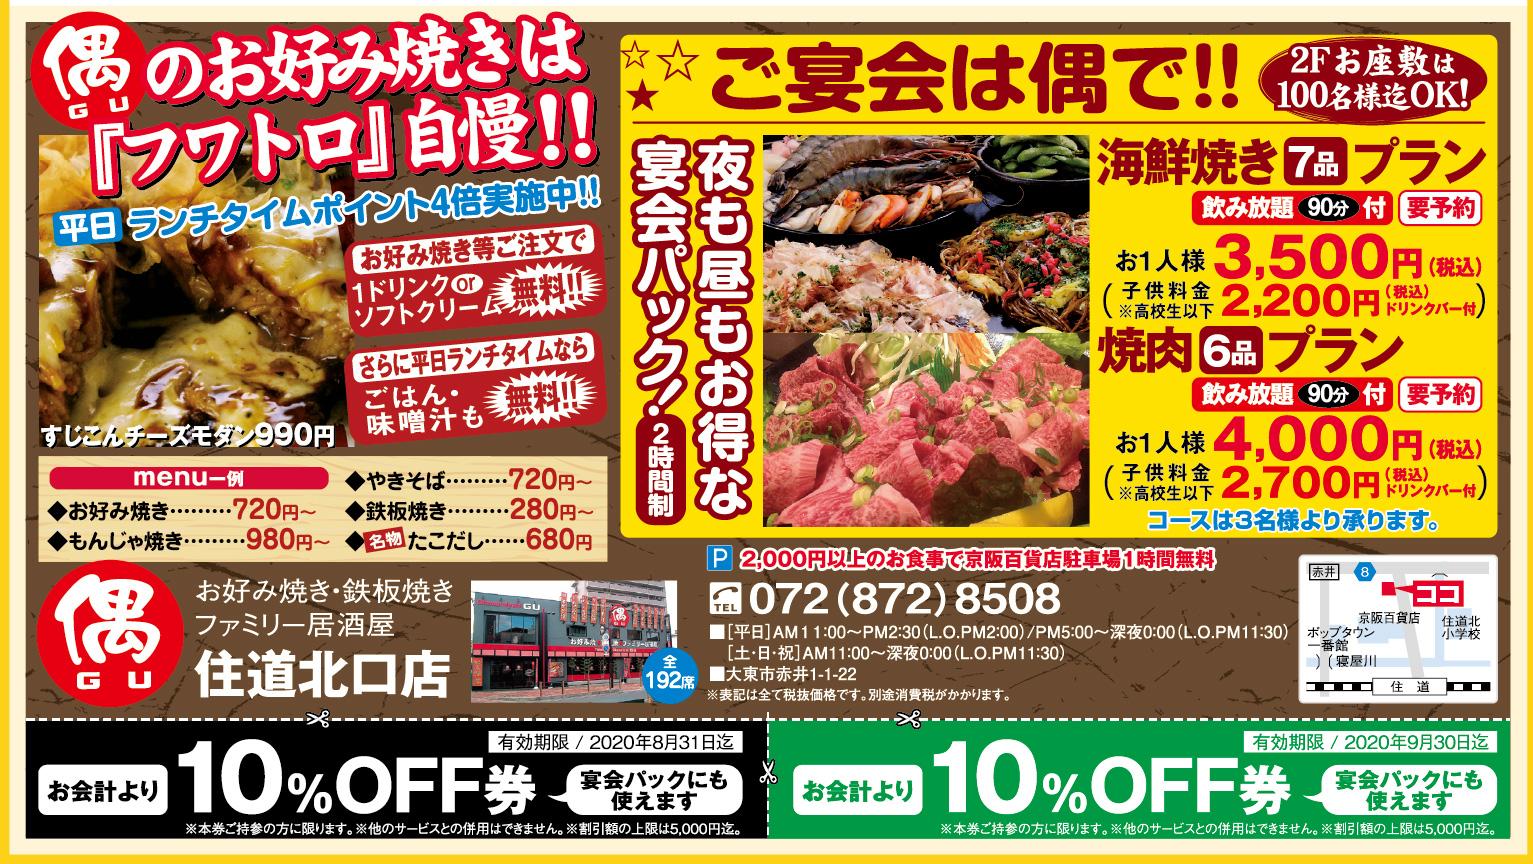 お好み焼き・鉄板焼き・ファミリー居酒屋 偶 住道北口店